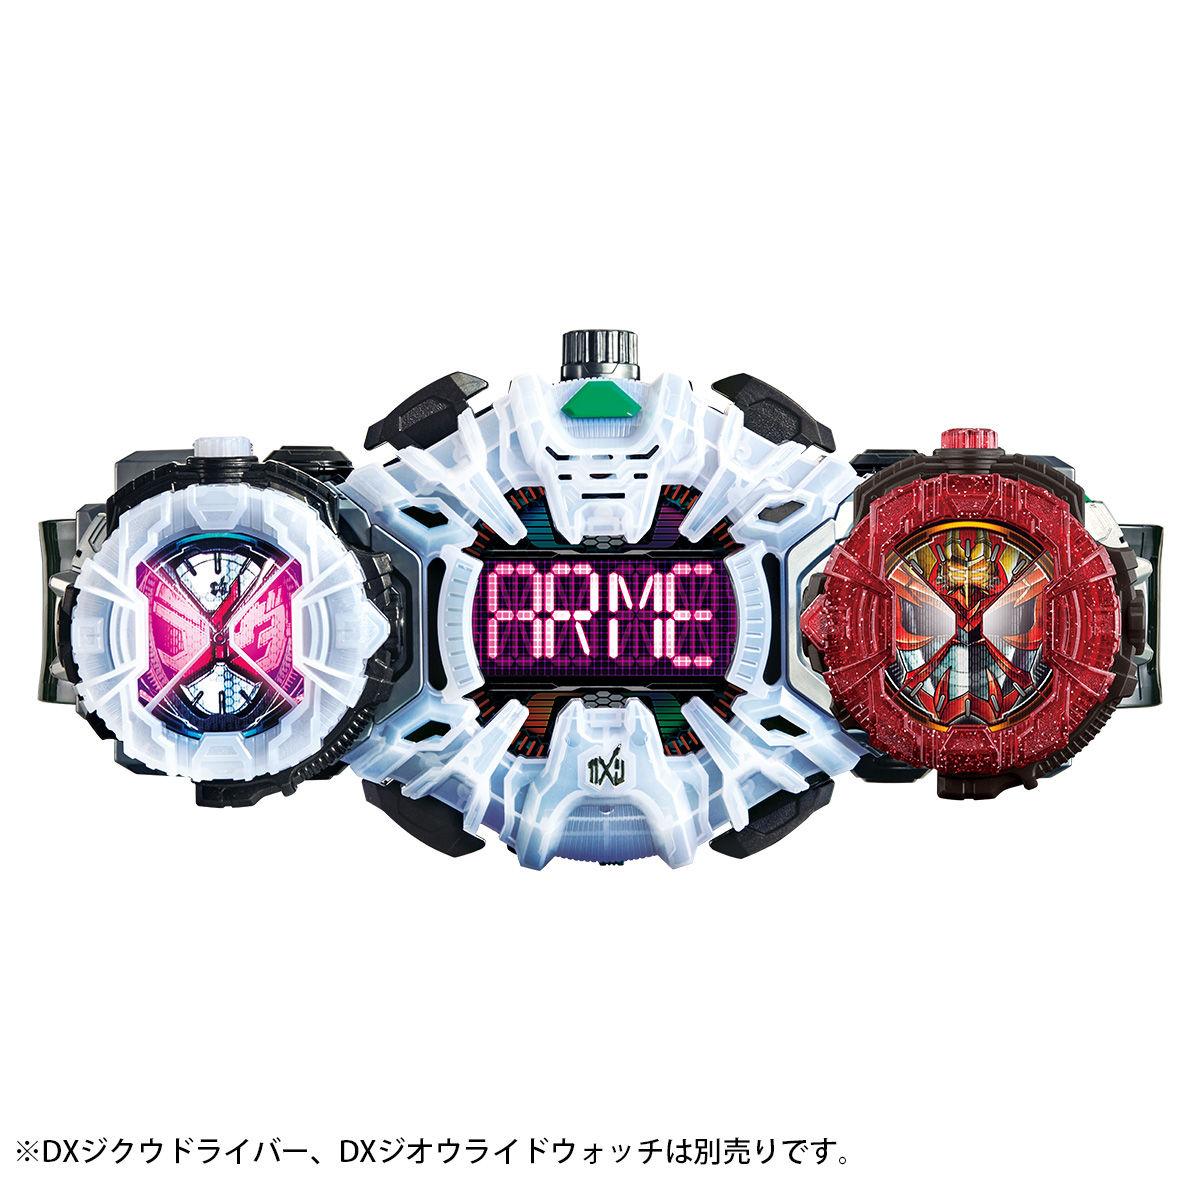 仮面ライダージオウ『DXライドウォッチセットVOL.2』変身なりきり-010